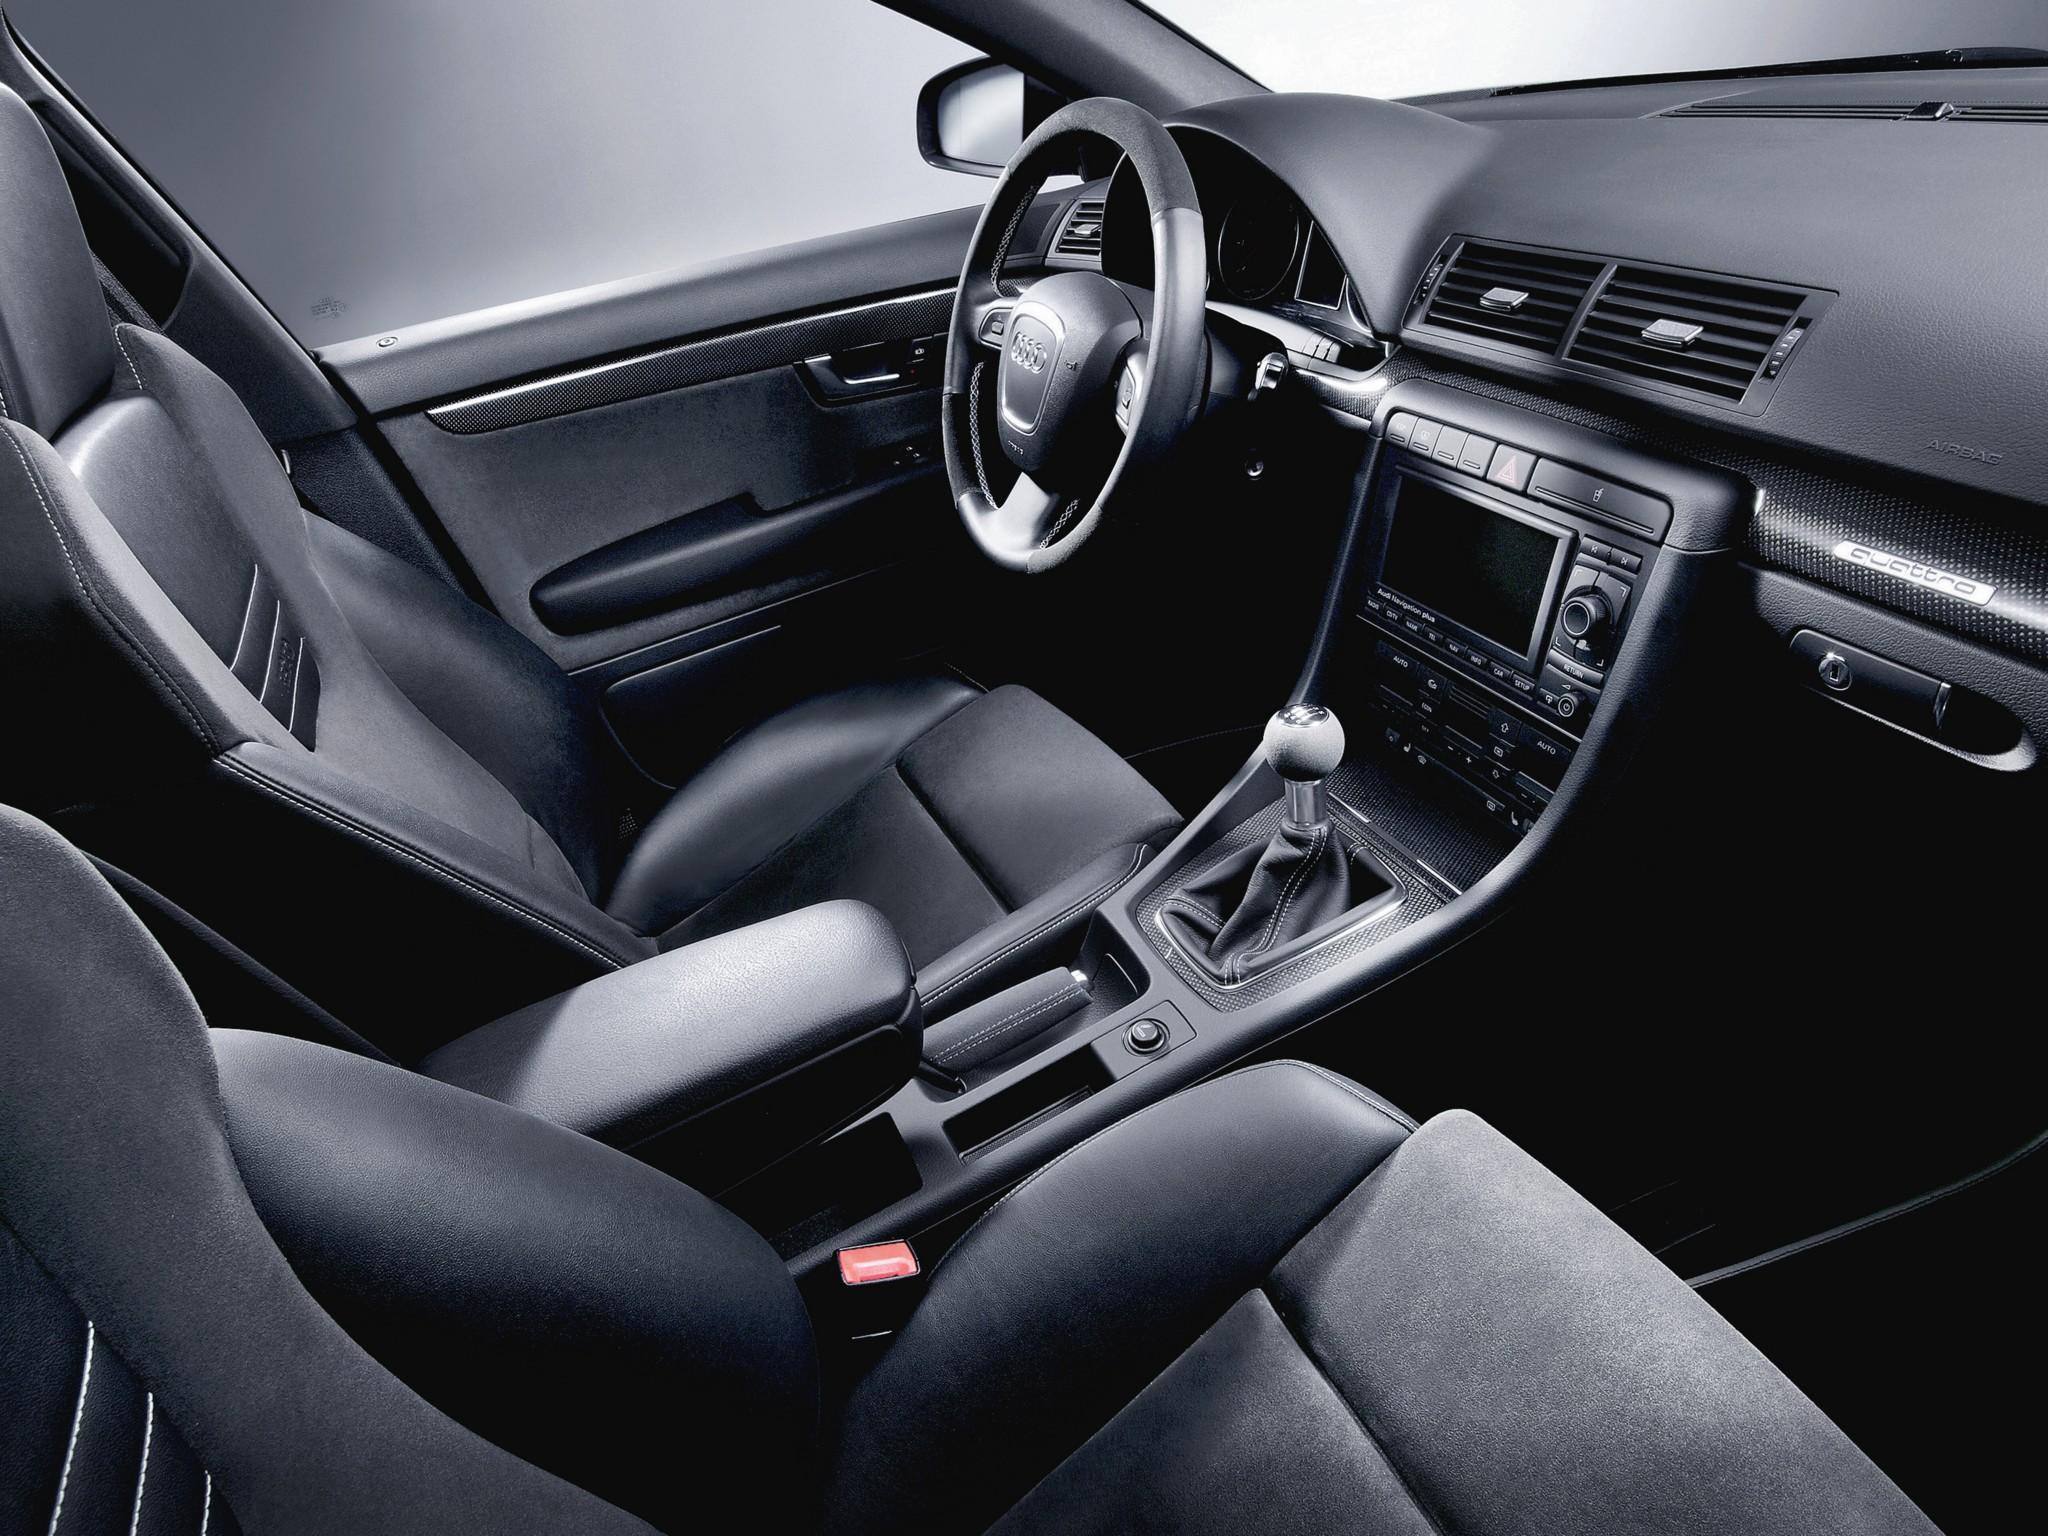 AUDI A4 DTM Edition - 2005, 2006, 2007 - autoevolution